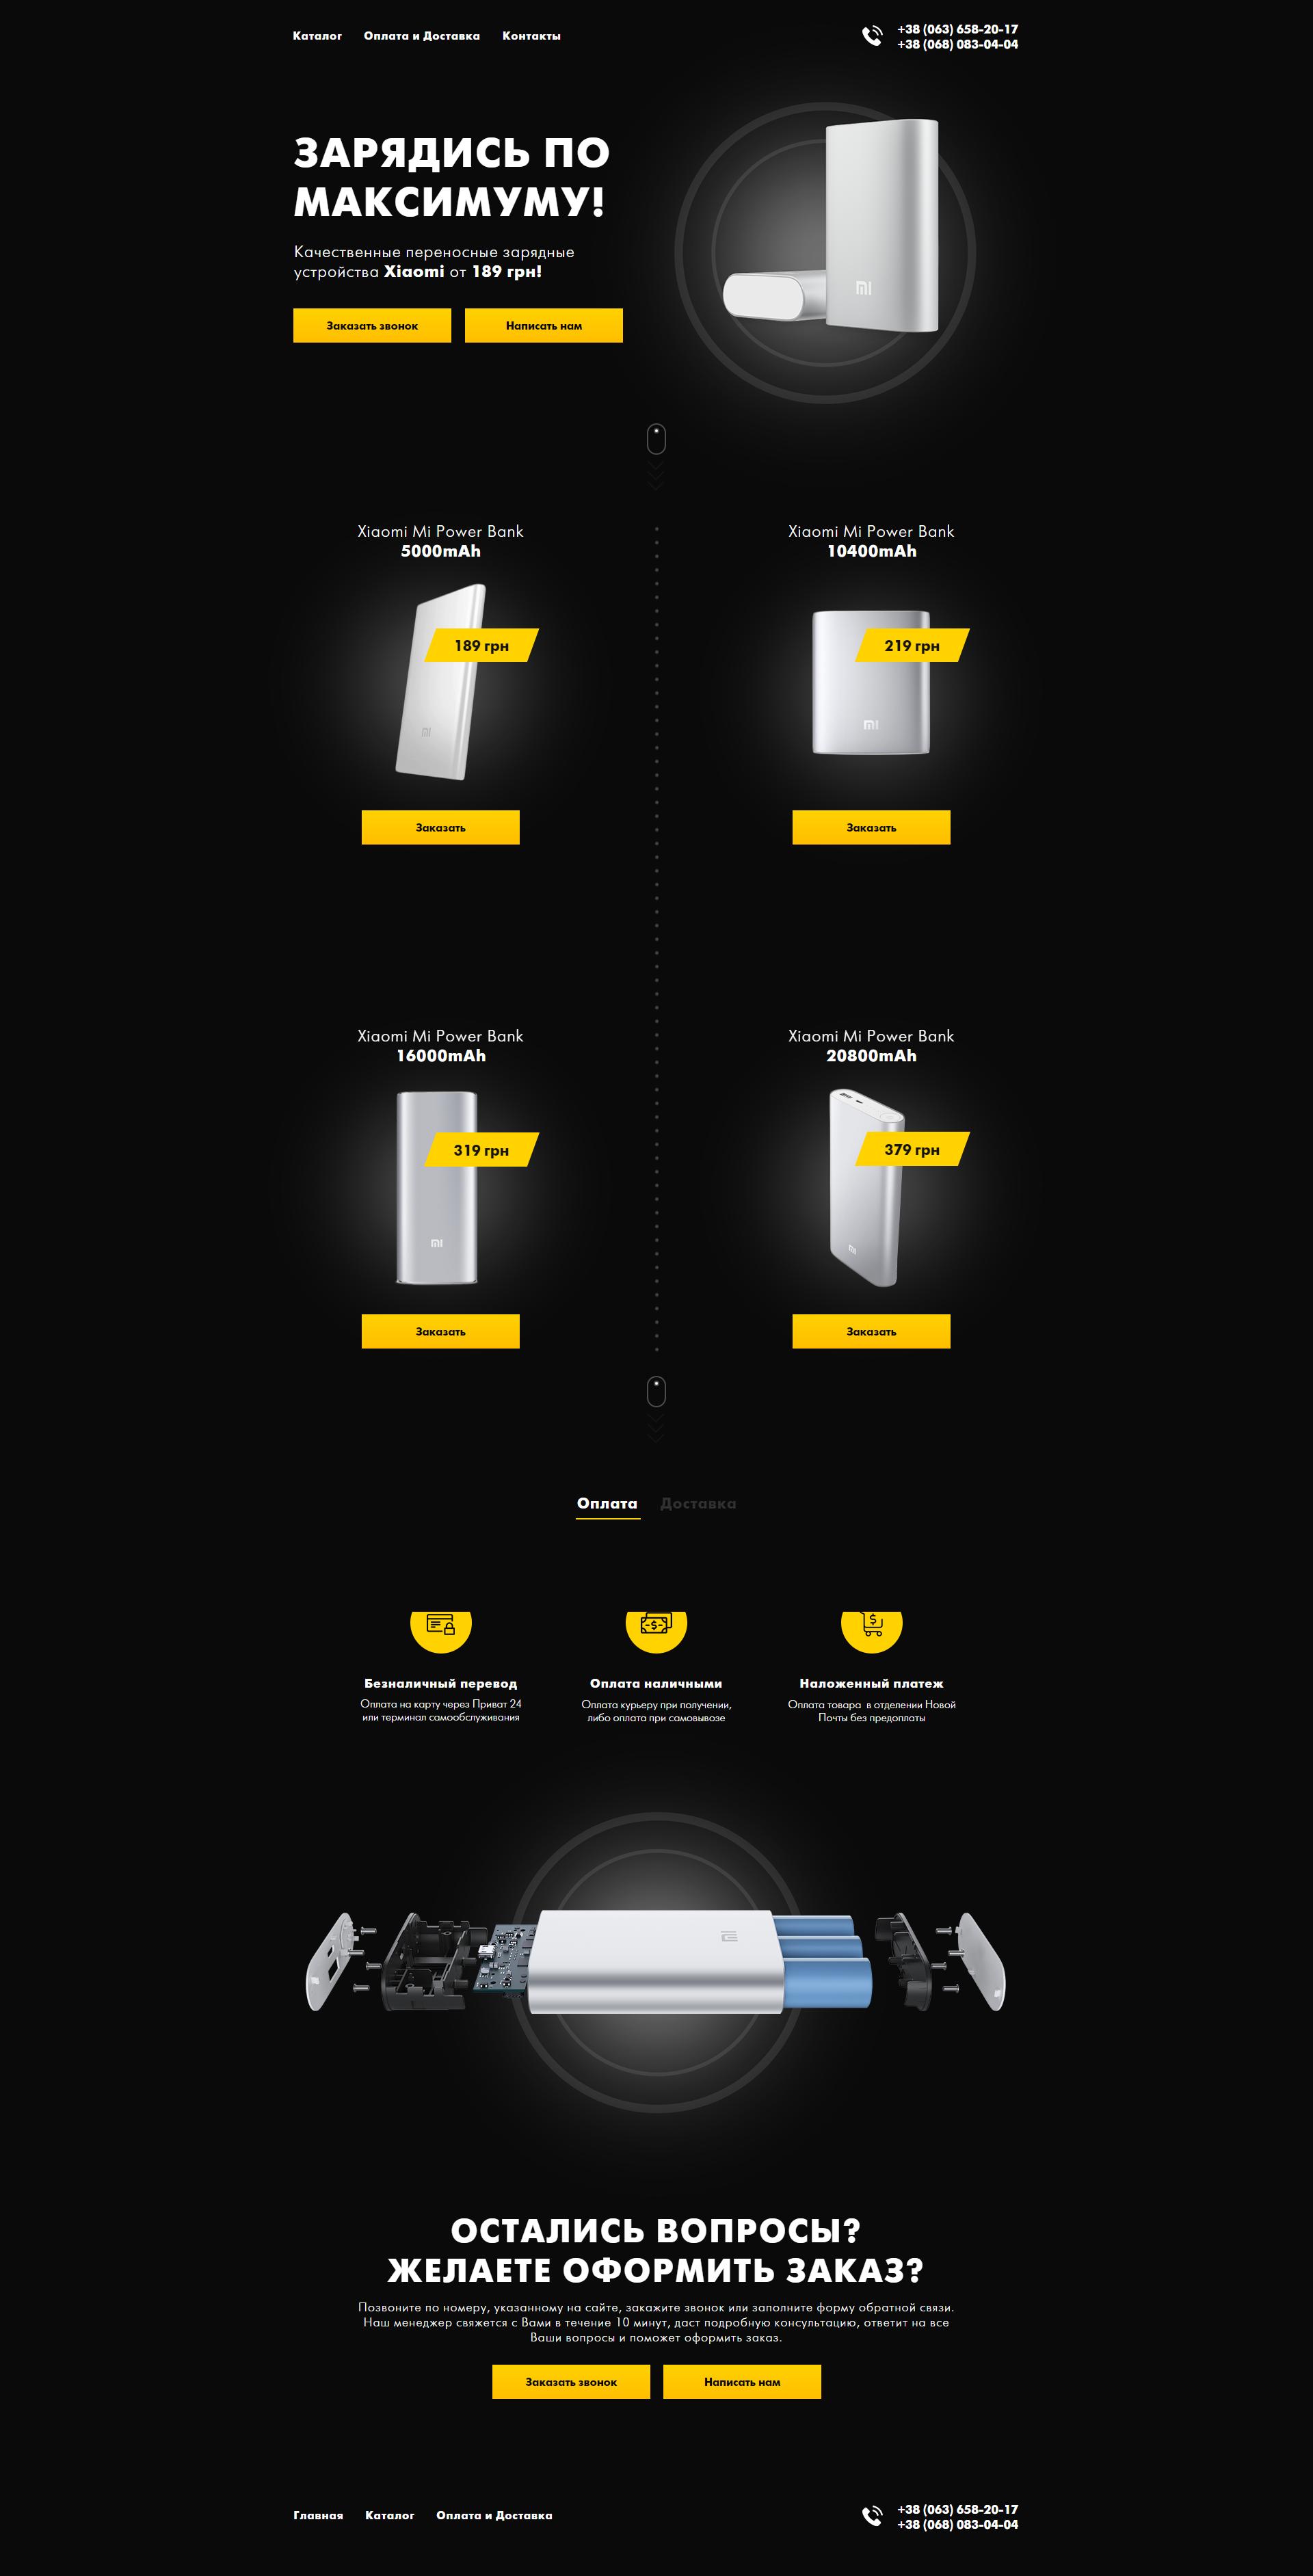 Фото Разработка Landing Page под ключ. Уникальный дизайн + Верстка